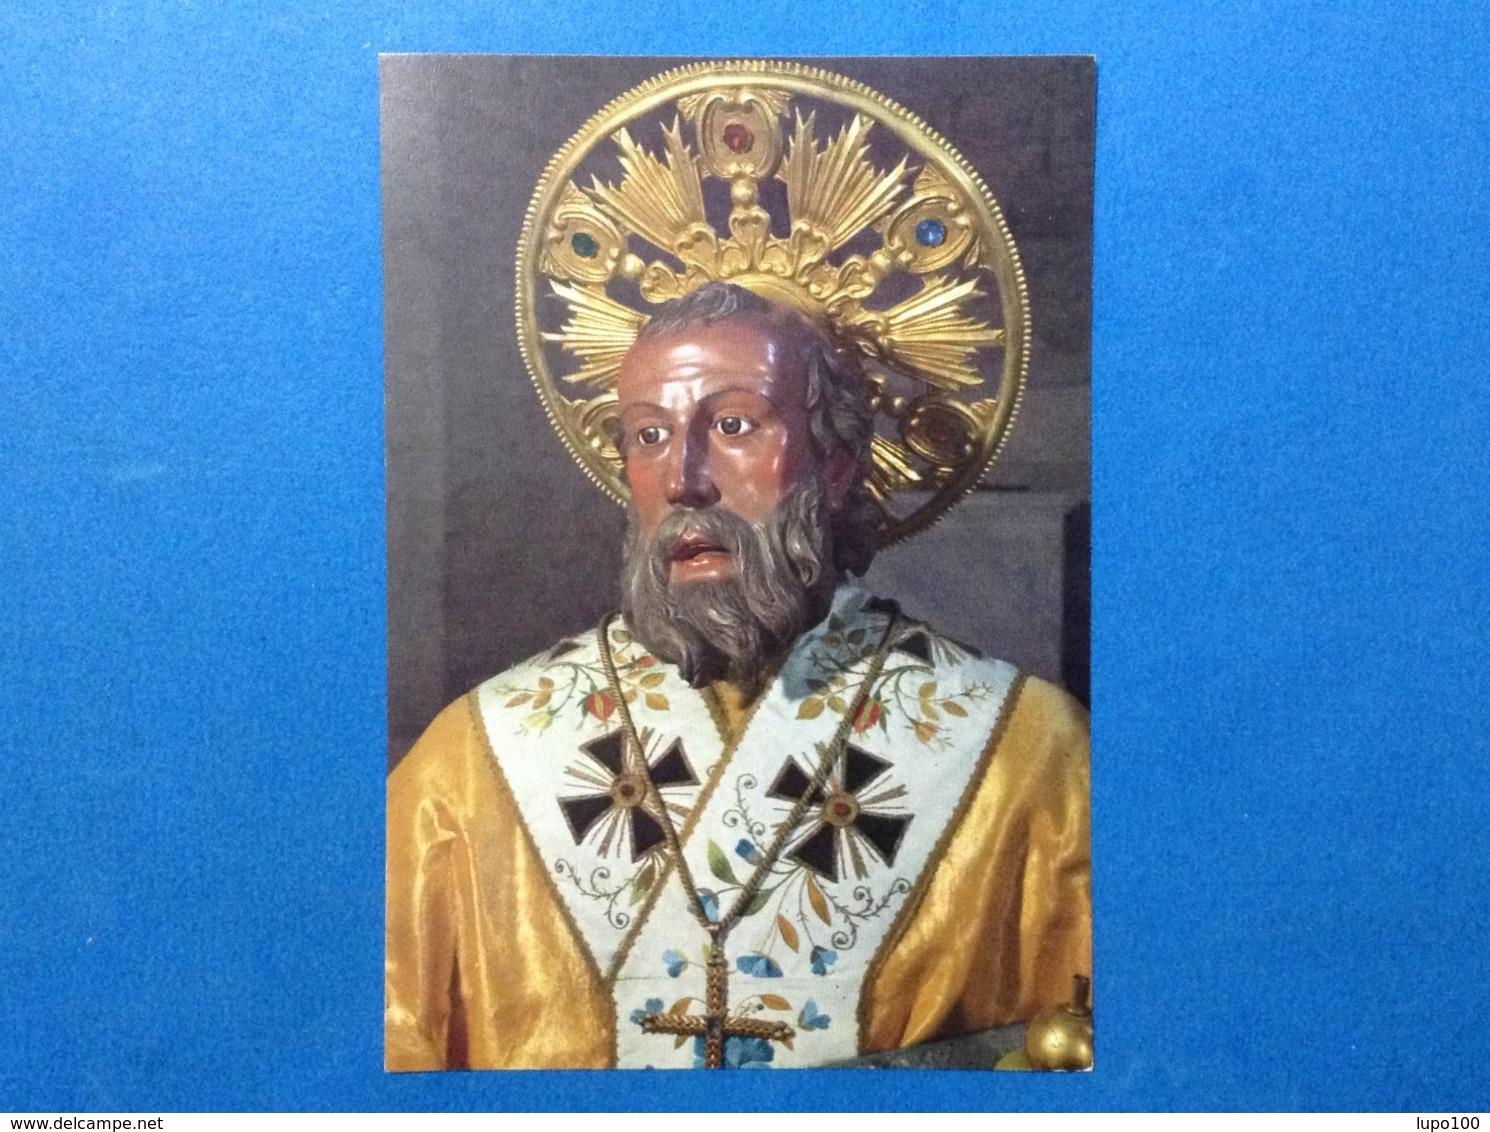 Santino Holy Card Image Pieuse Formato Cartolina S Nicola Di Bari - Santini